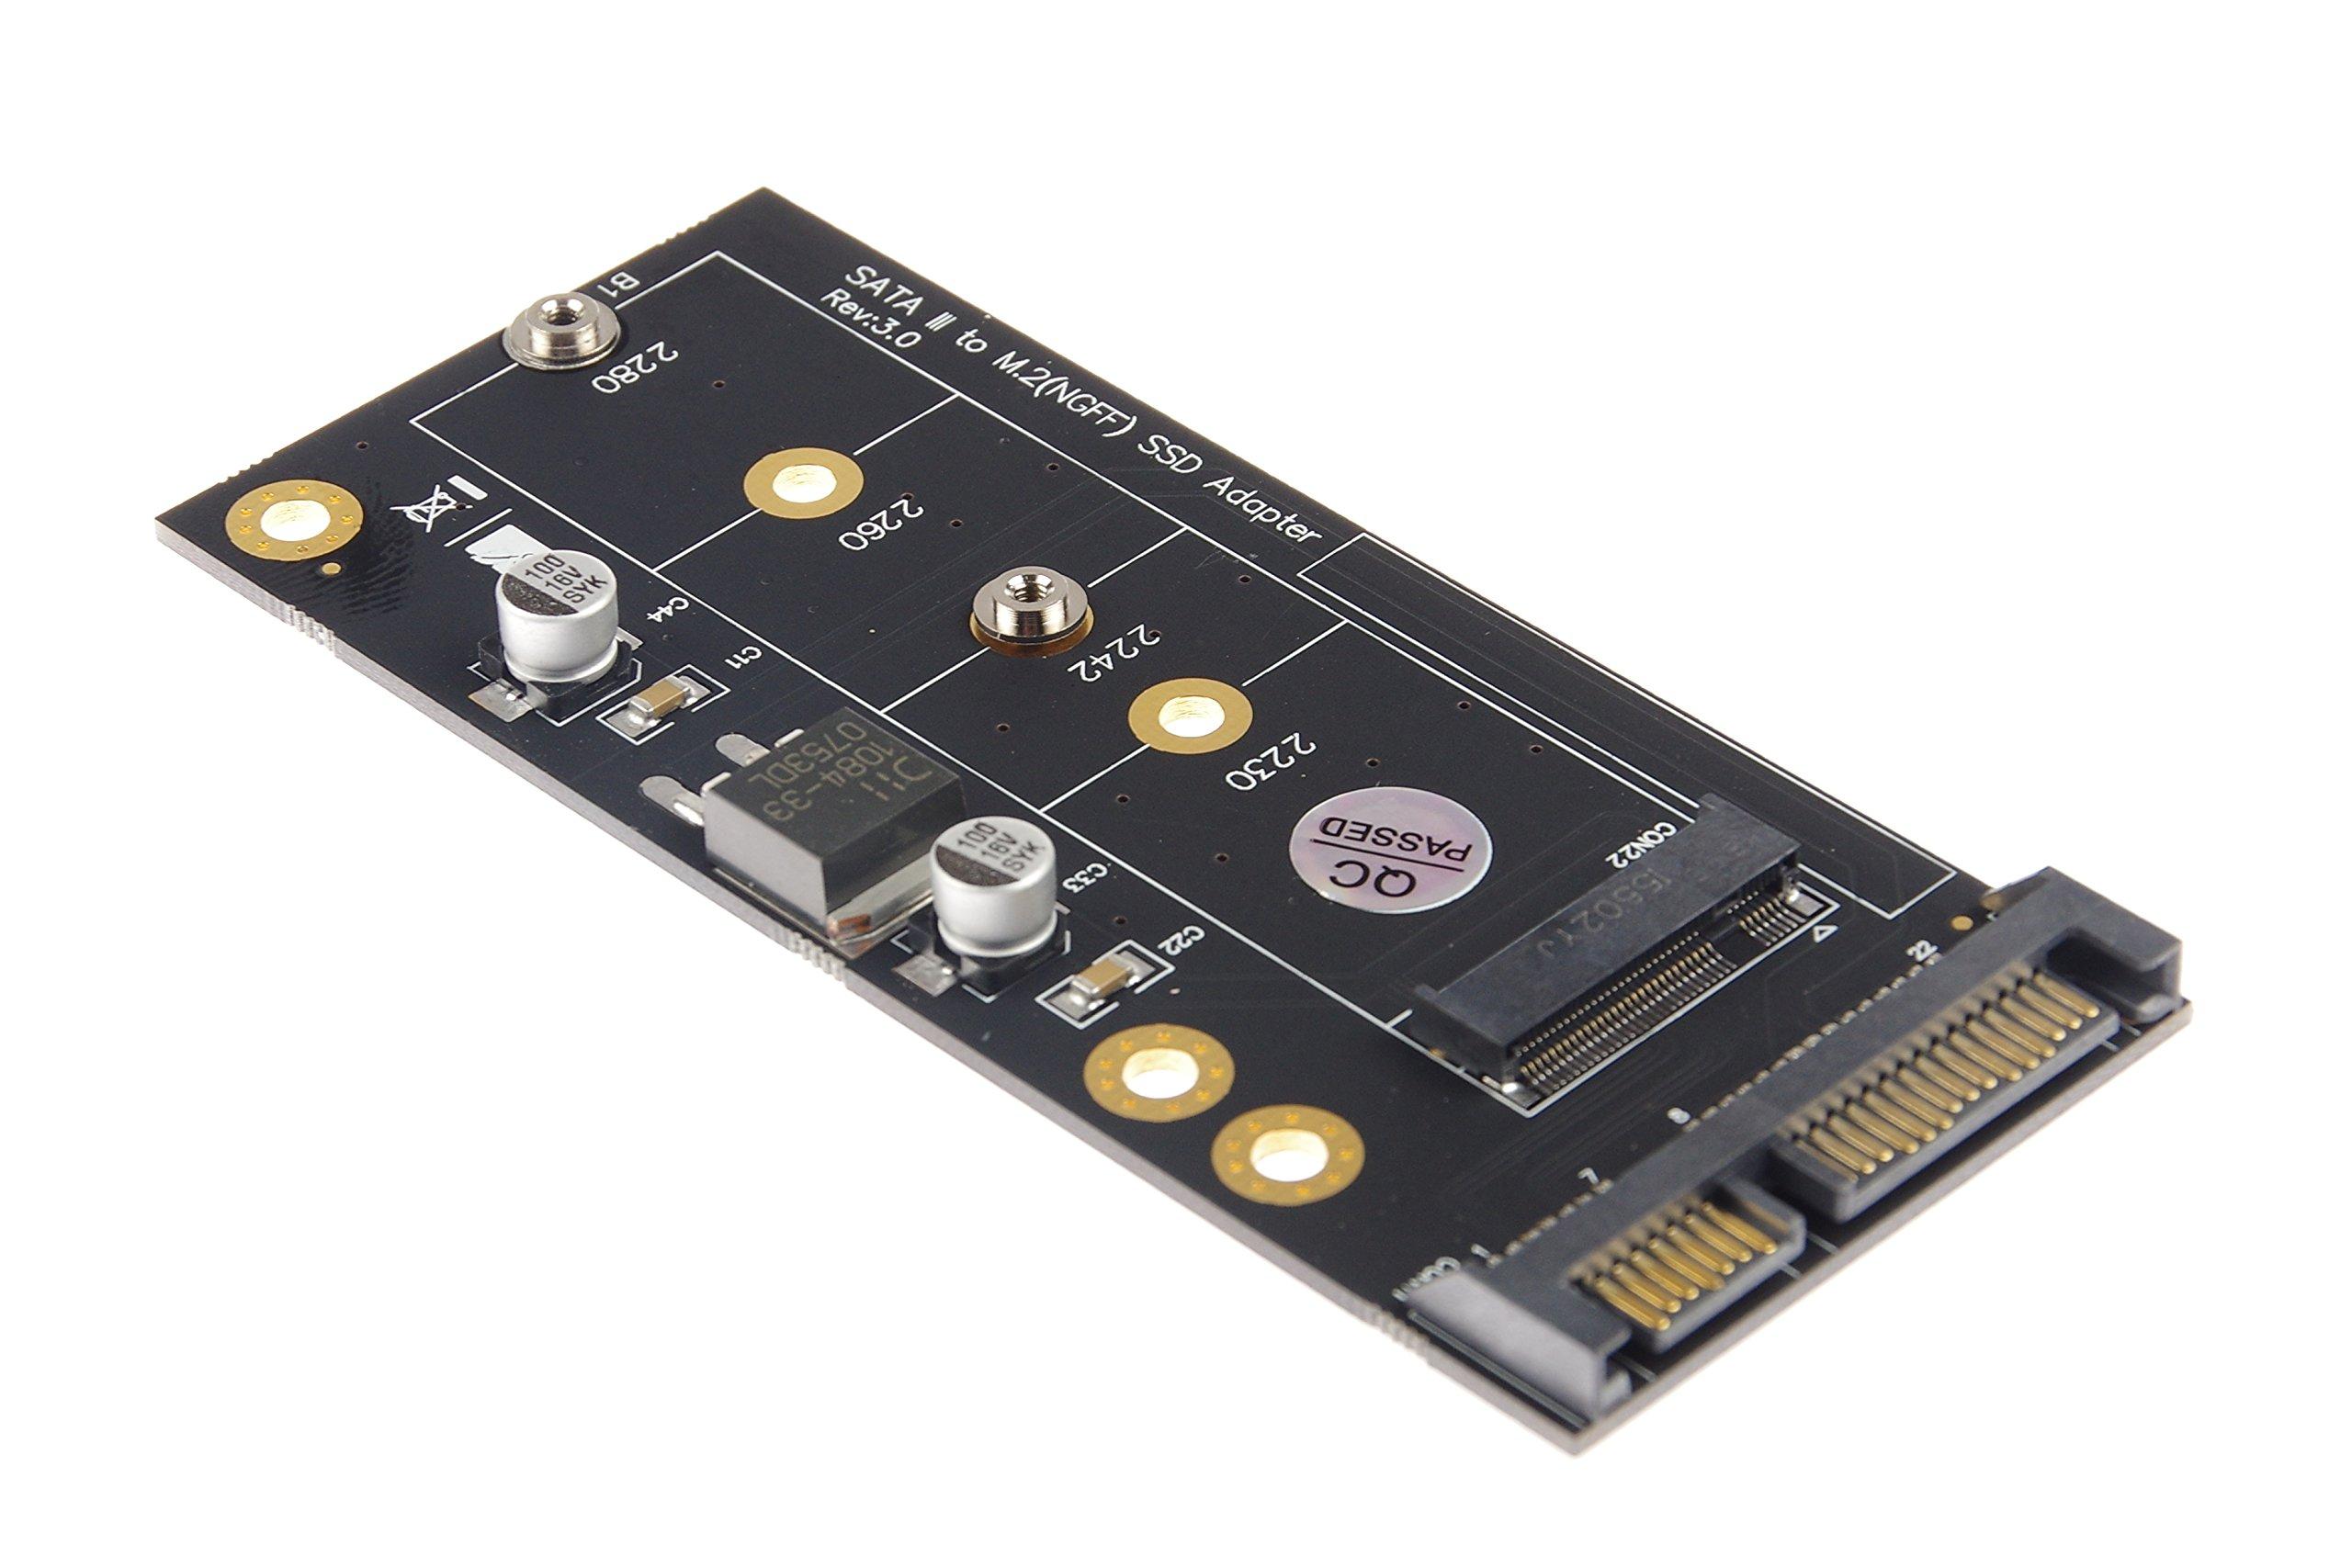 KNACRO NGFF to SATA 3.0 Riser Card NGFF/M.2 (Key B) SSD to SATA 3.0 Riser Card by KNACRO